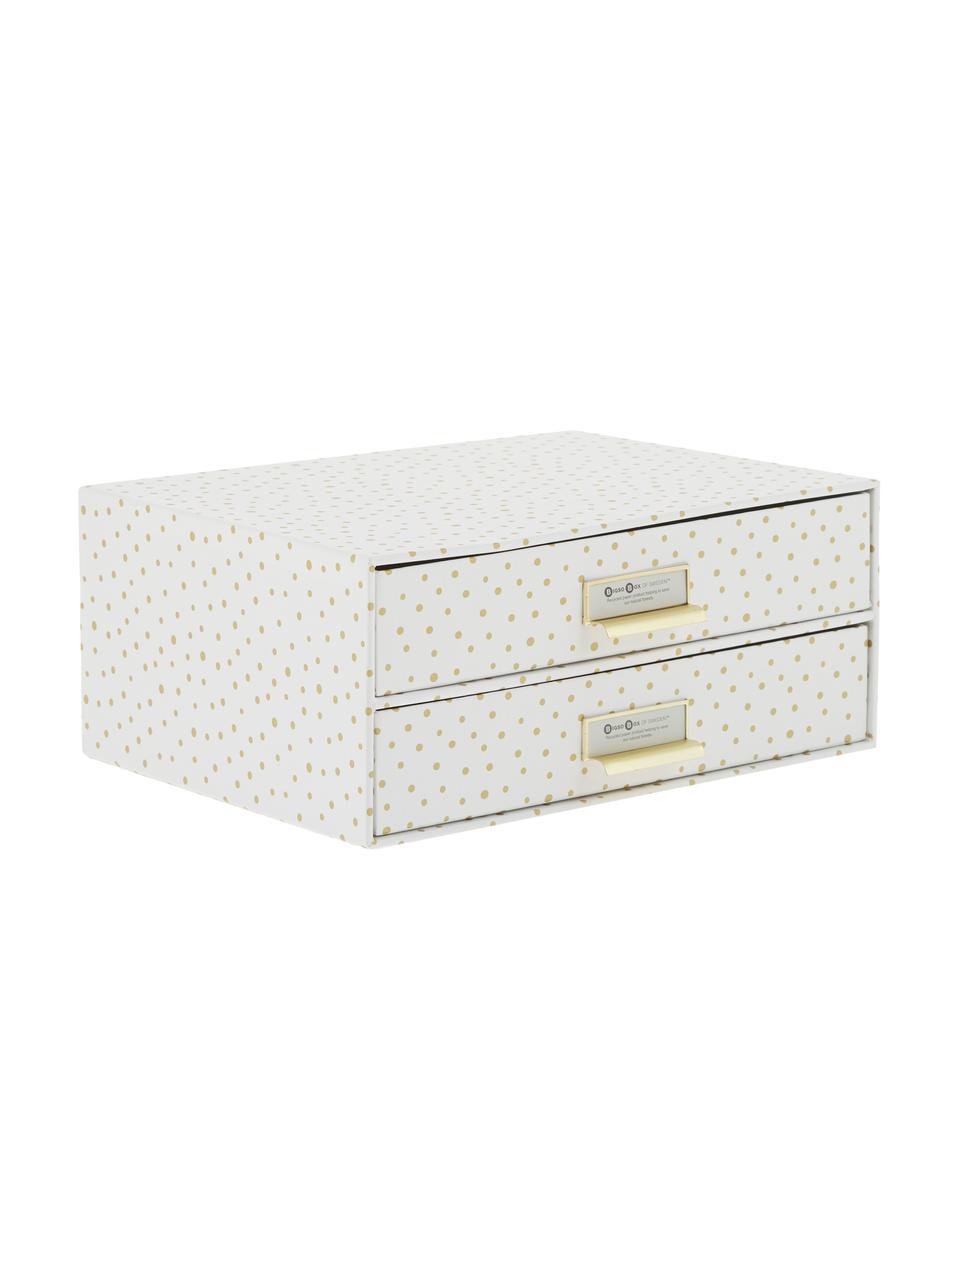 Organizer da ufficio Birger, Organizer: solido, cartone laminato, Bianco, dorato, Larg. 33 x Alt. 15 cm